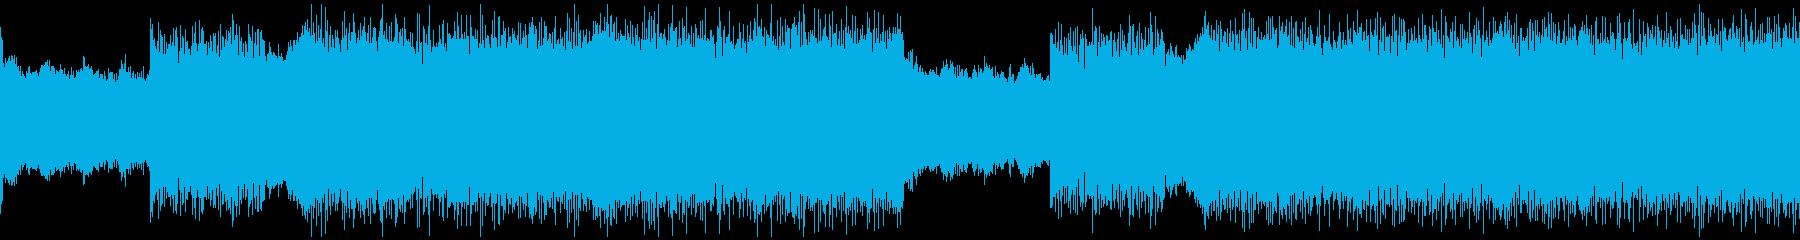 loop 不思議な雰囲気のドラムンベースの再生済みの波形